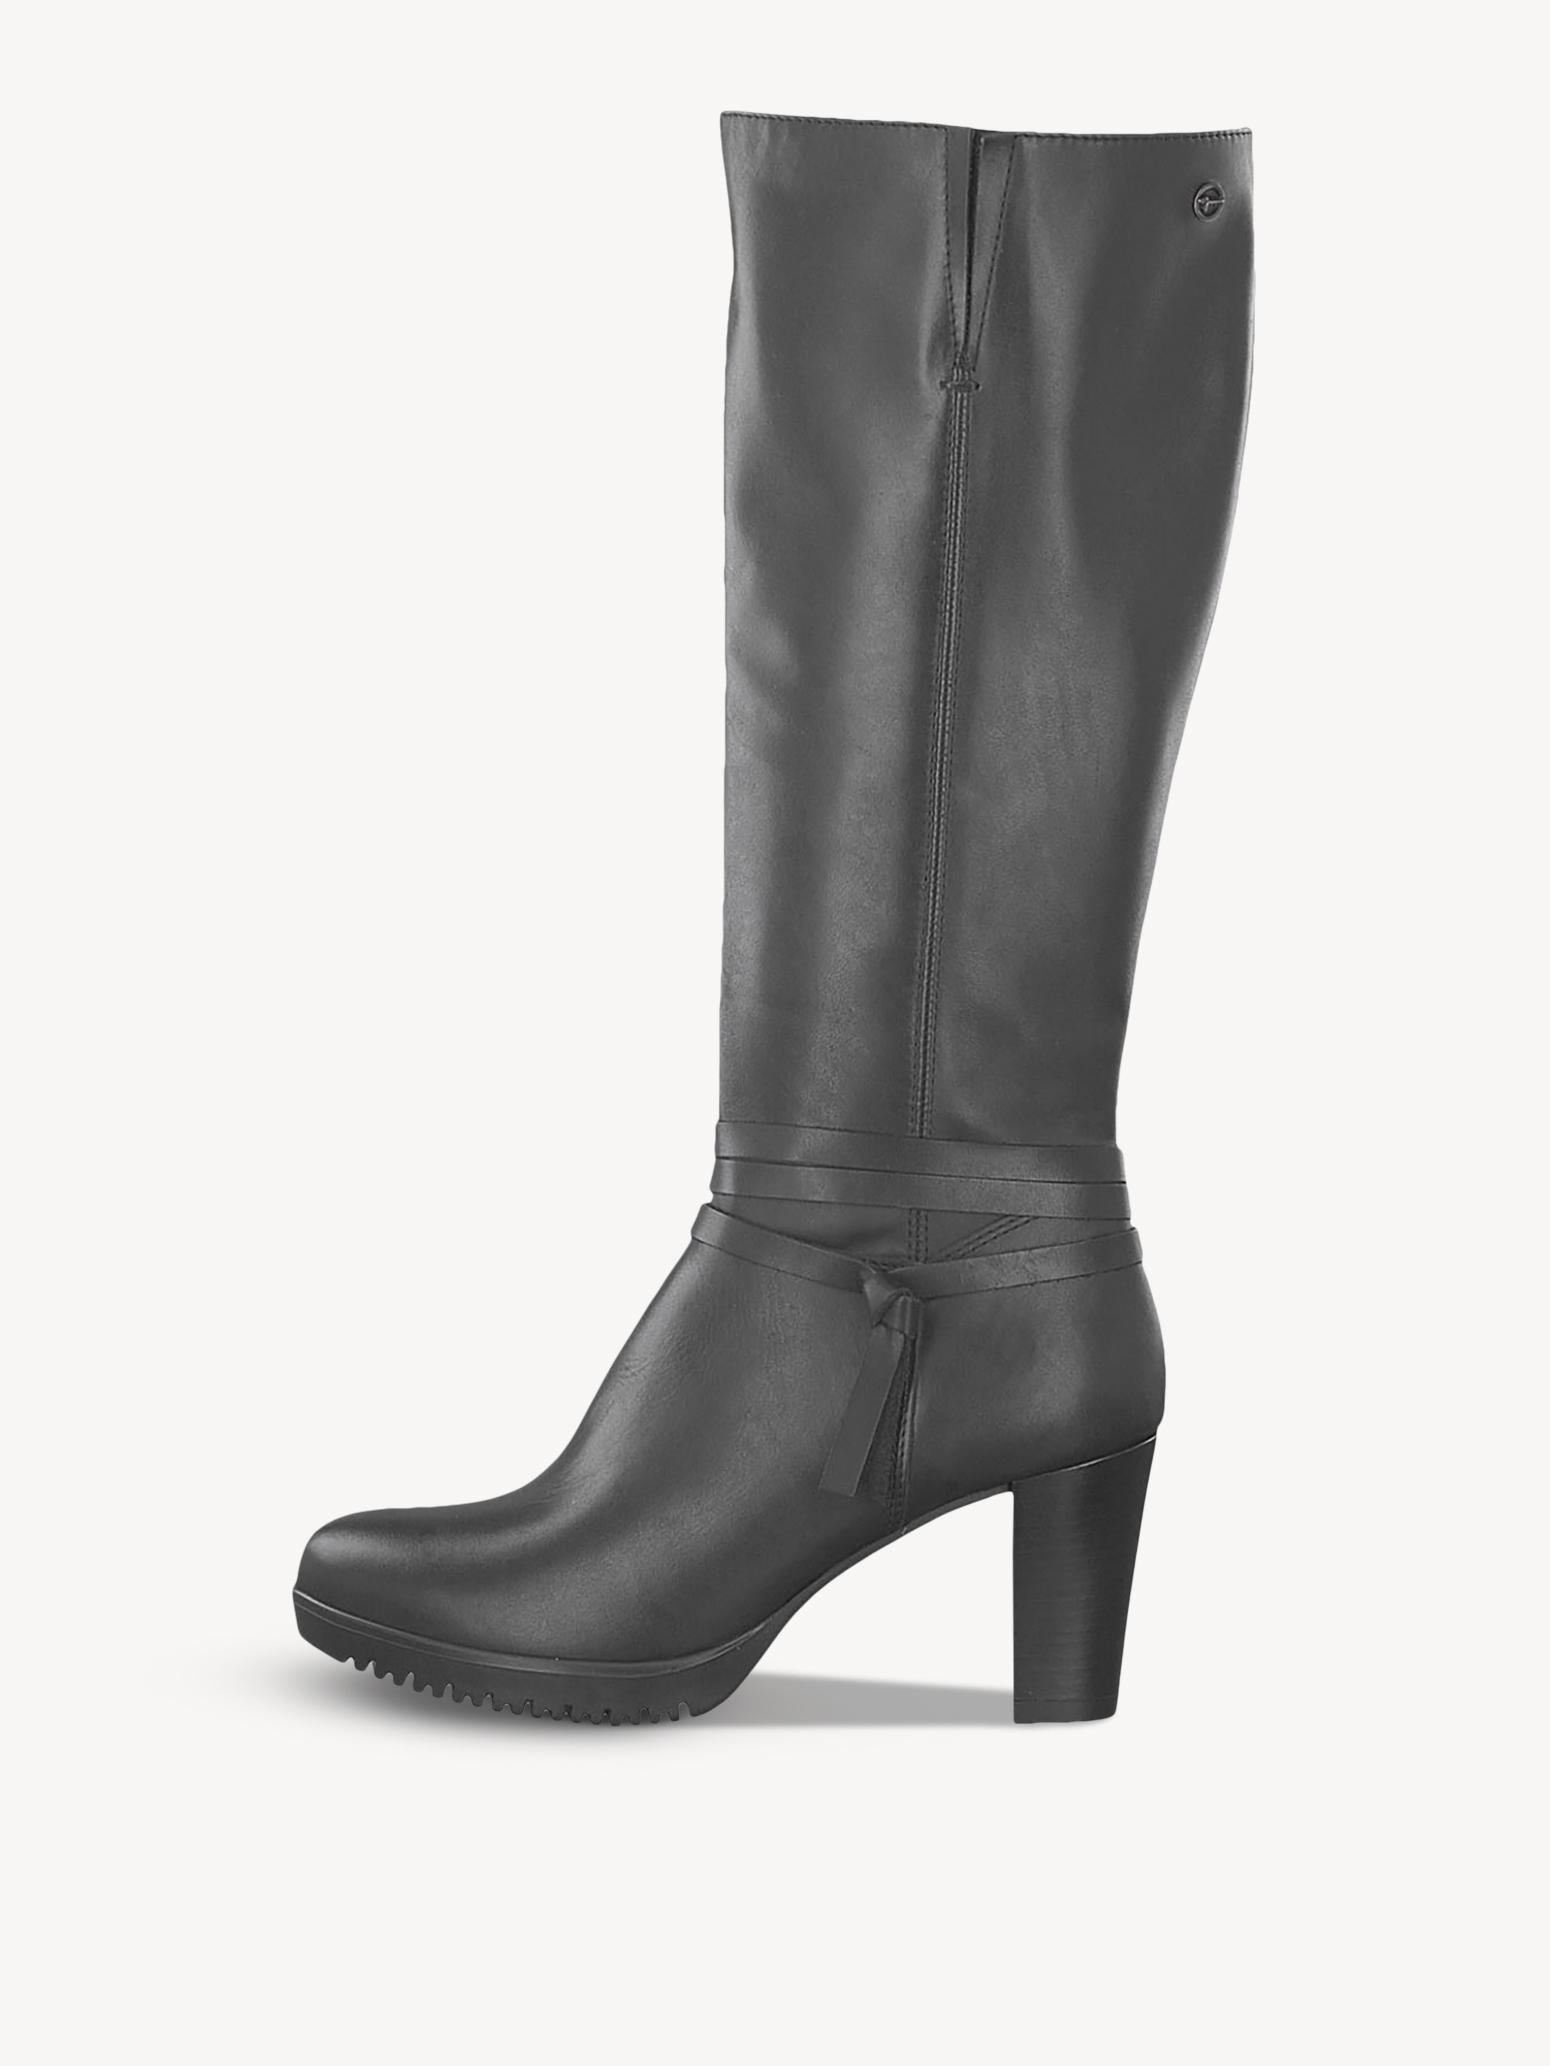 Schwarz Stiefel günstig kaufen | eBay